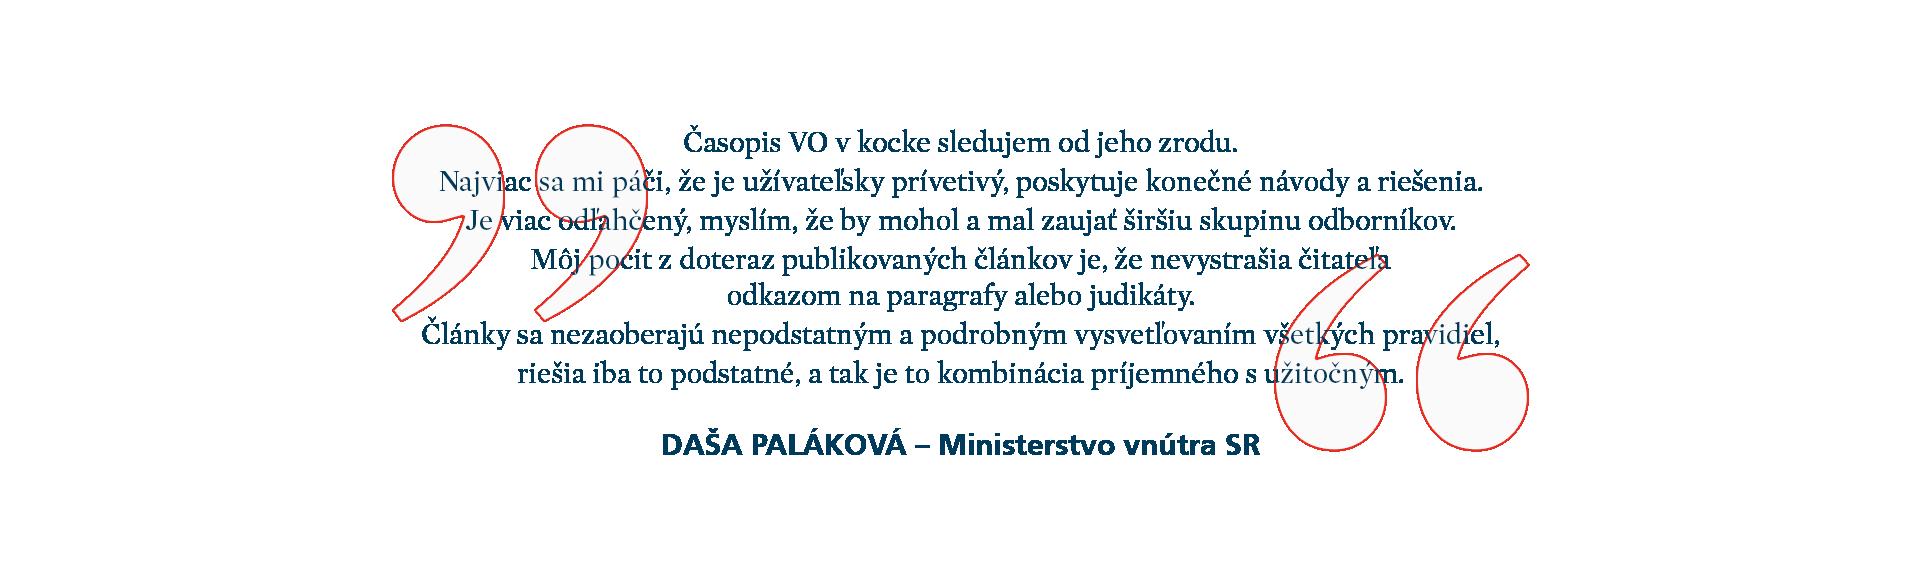 Paláková